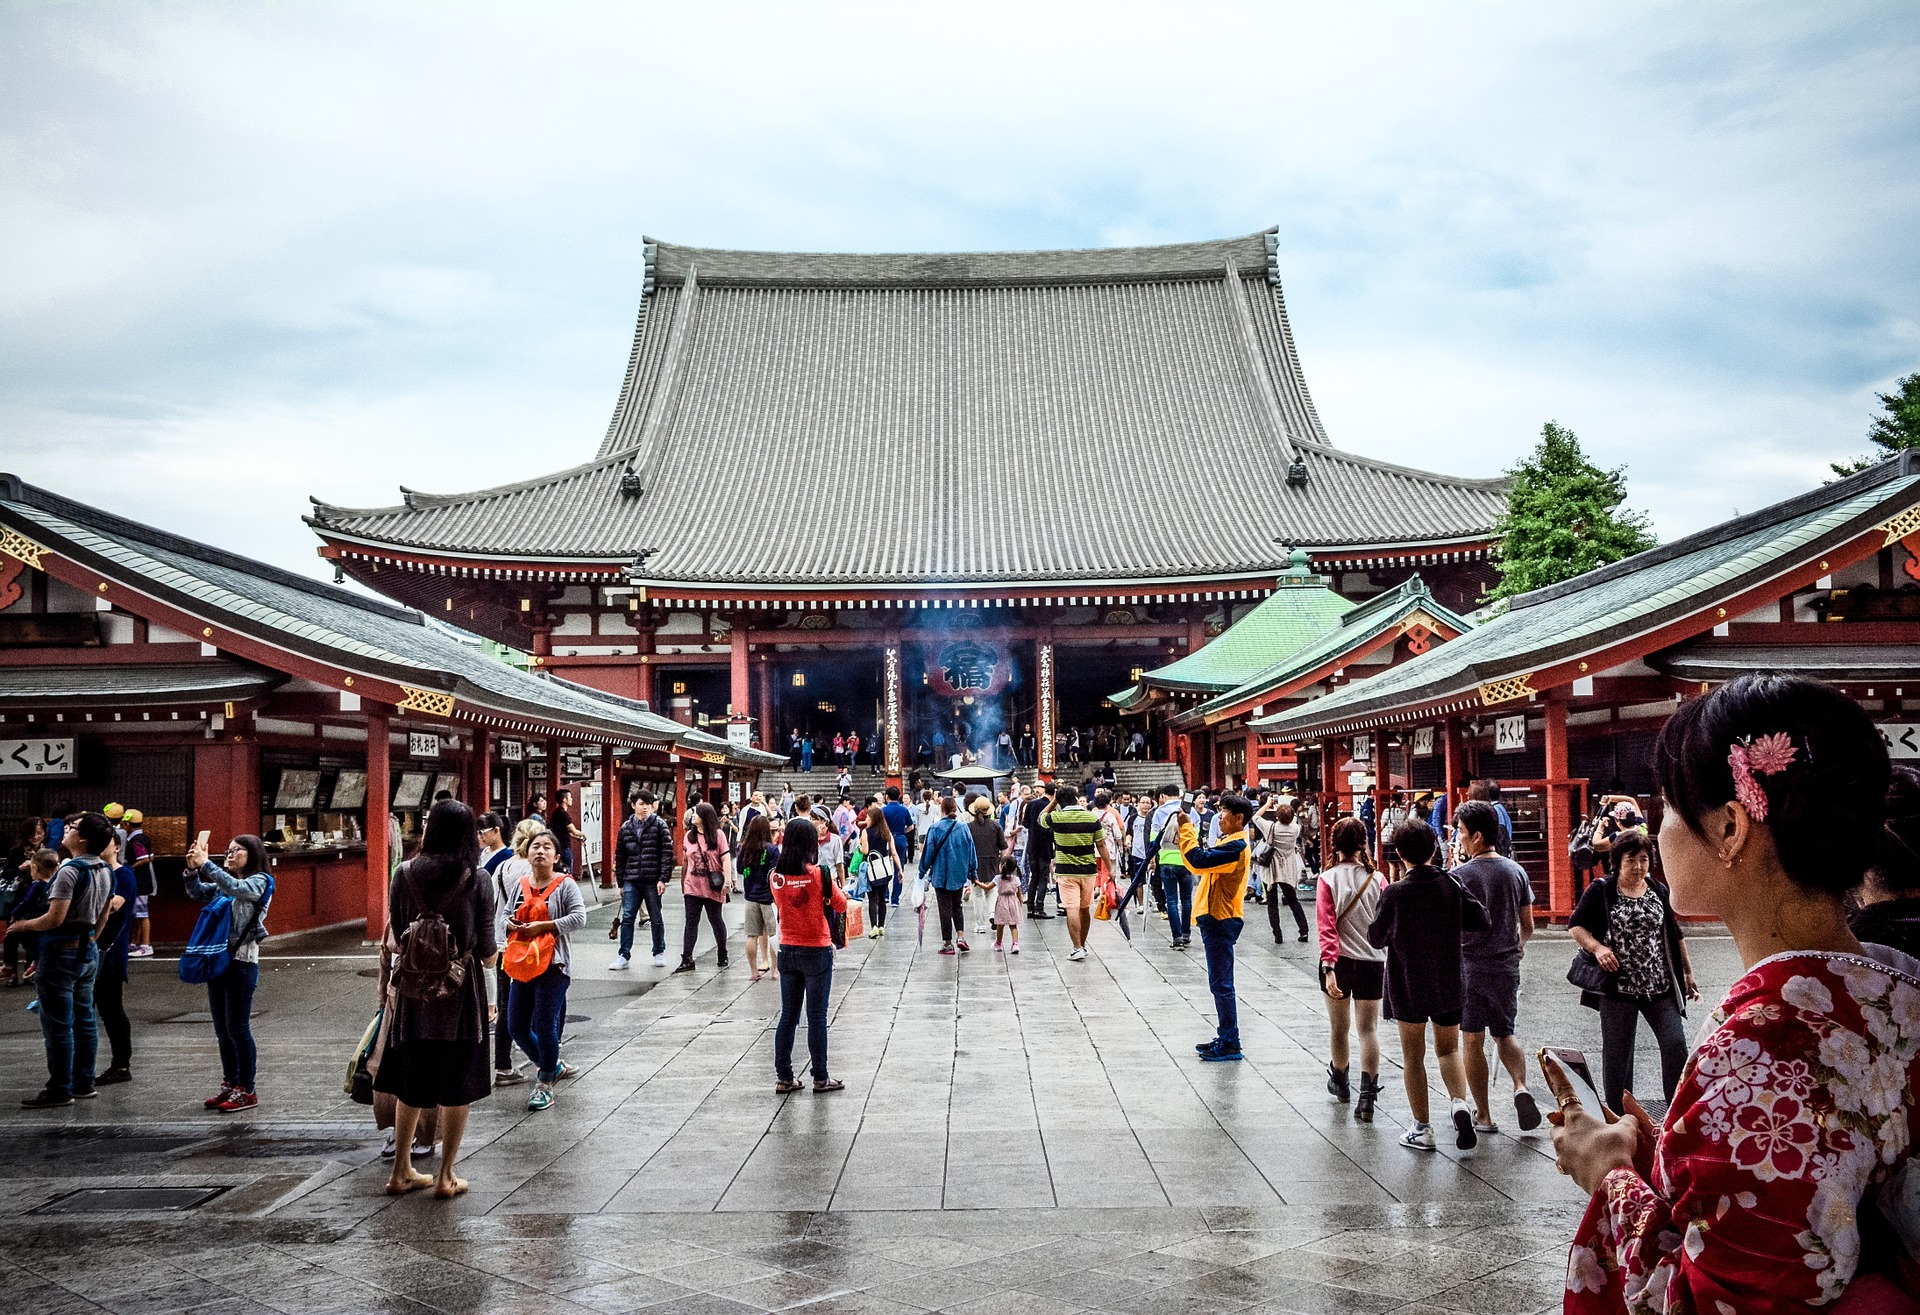 La firma china JD.com lidera nueva prueba piloto del yuan digital ahora en la ciudad de Suzhou